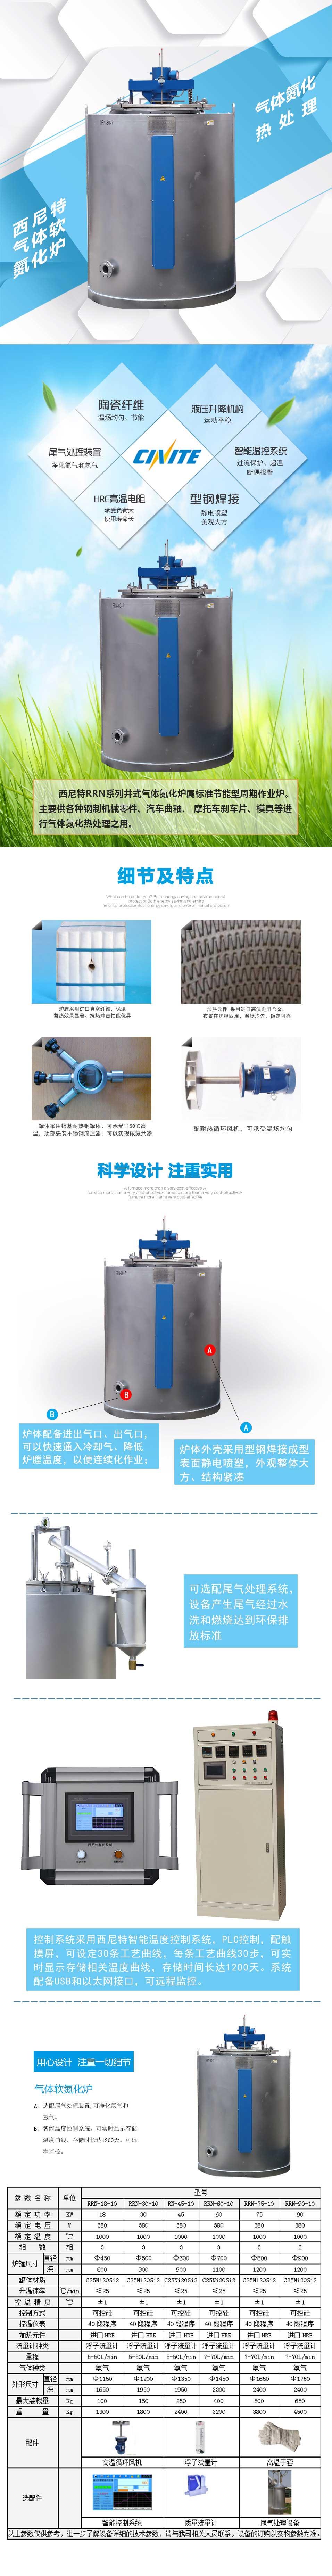 气体软氮化炉-副本